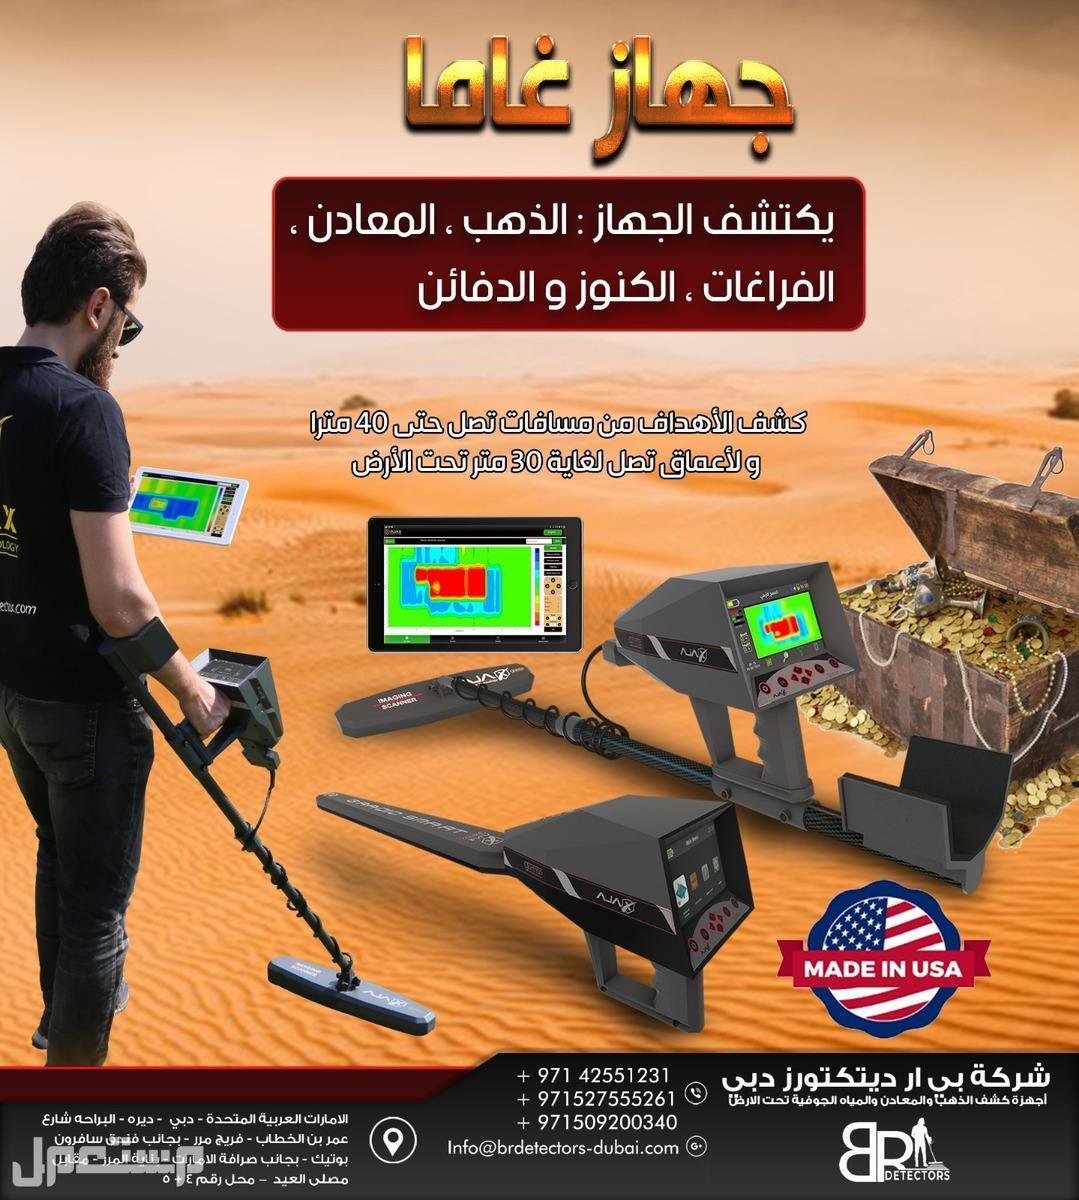 اجهزة كشف الذهب في السعودية 2021 غاما - بي ار ديتكتور اجهزة كشف الذهب في السعودية 2021 غاما - بي ار ديتكتور